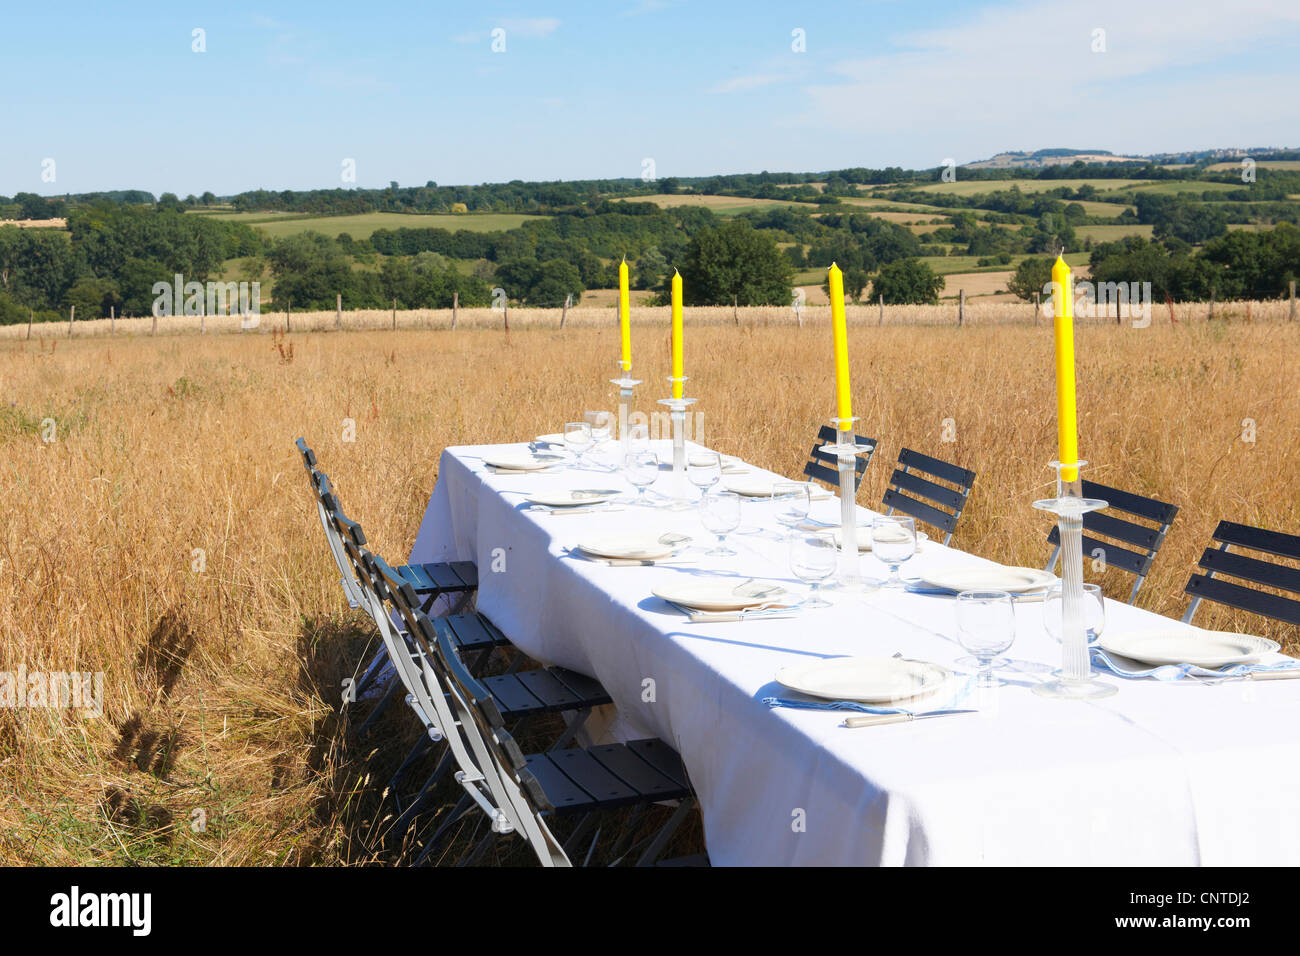 Tisch-Einstellungen im Weizenfeld Stockbild